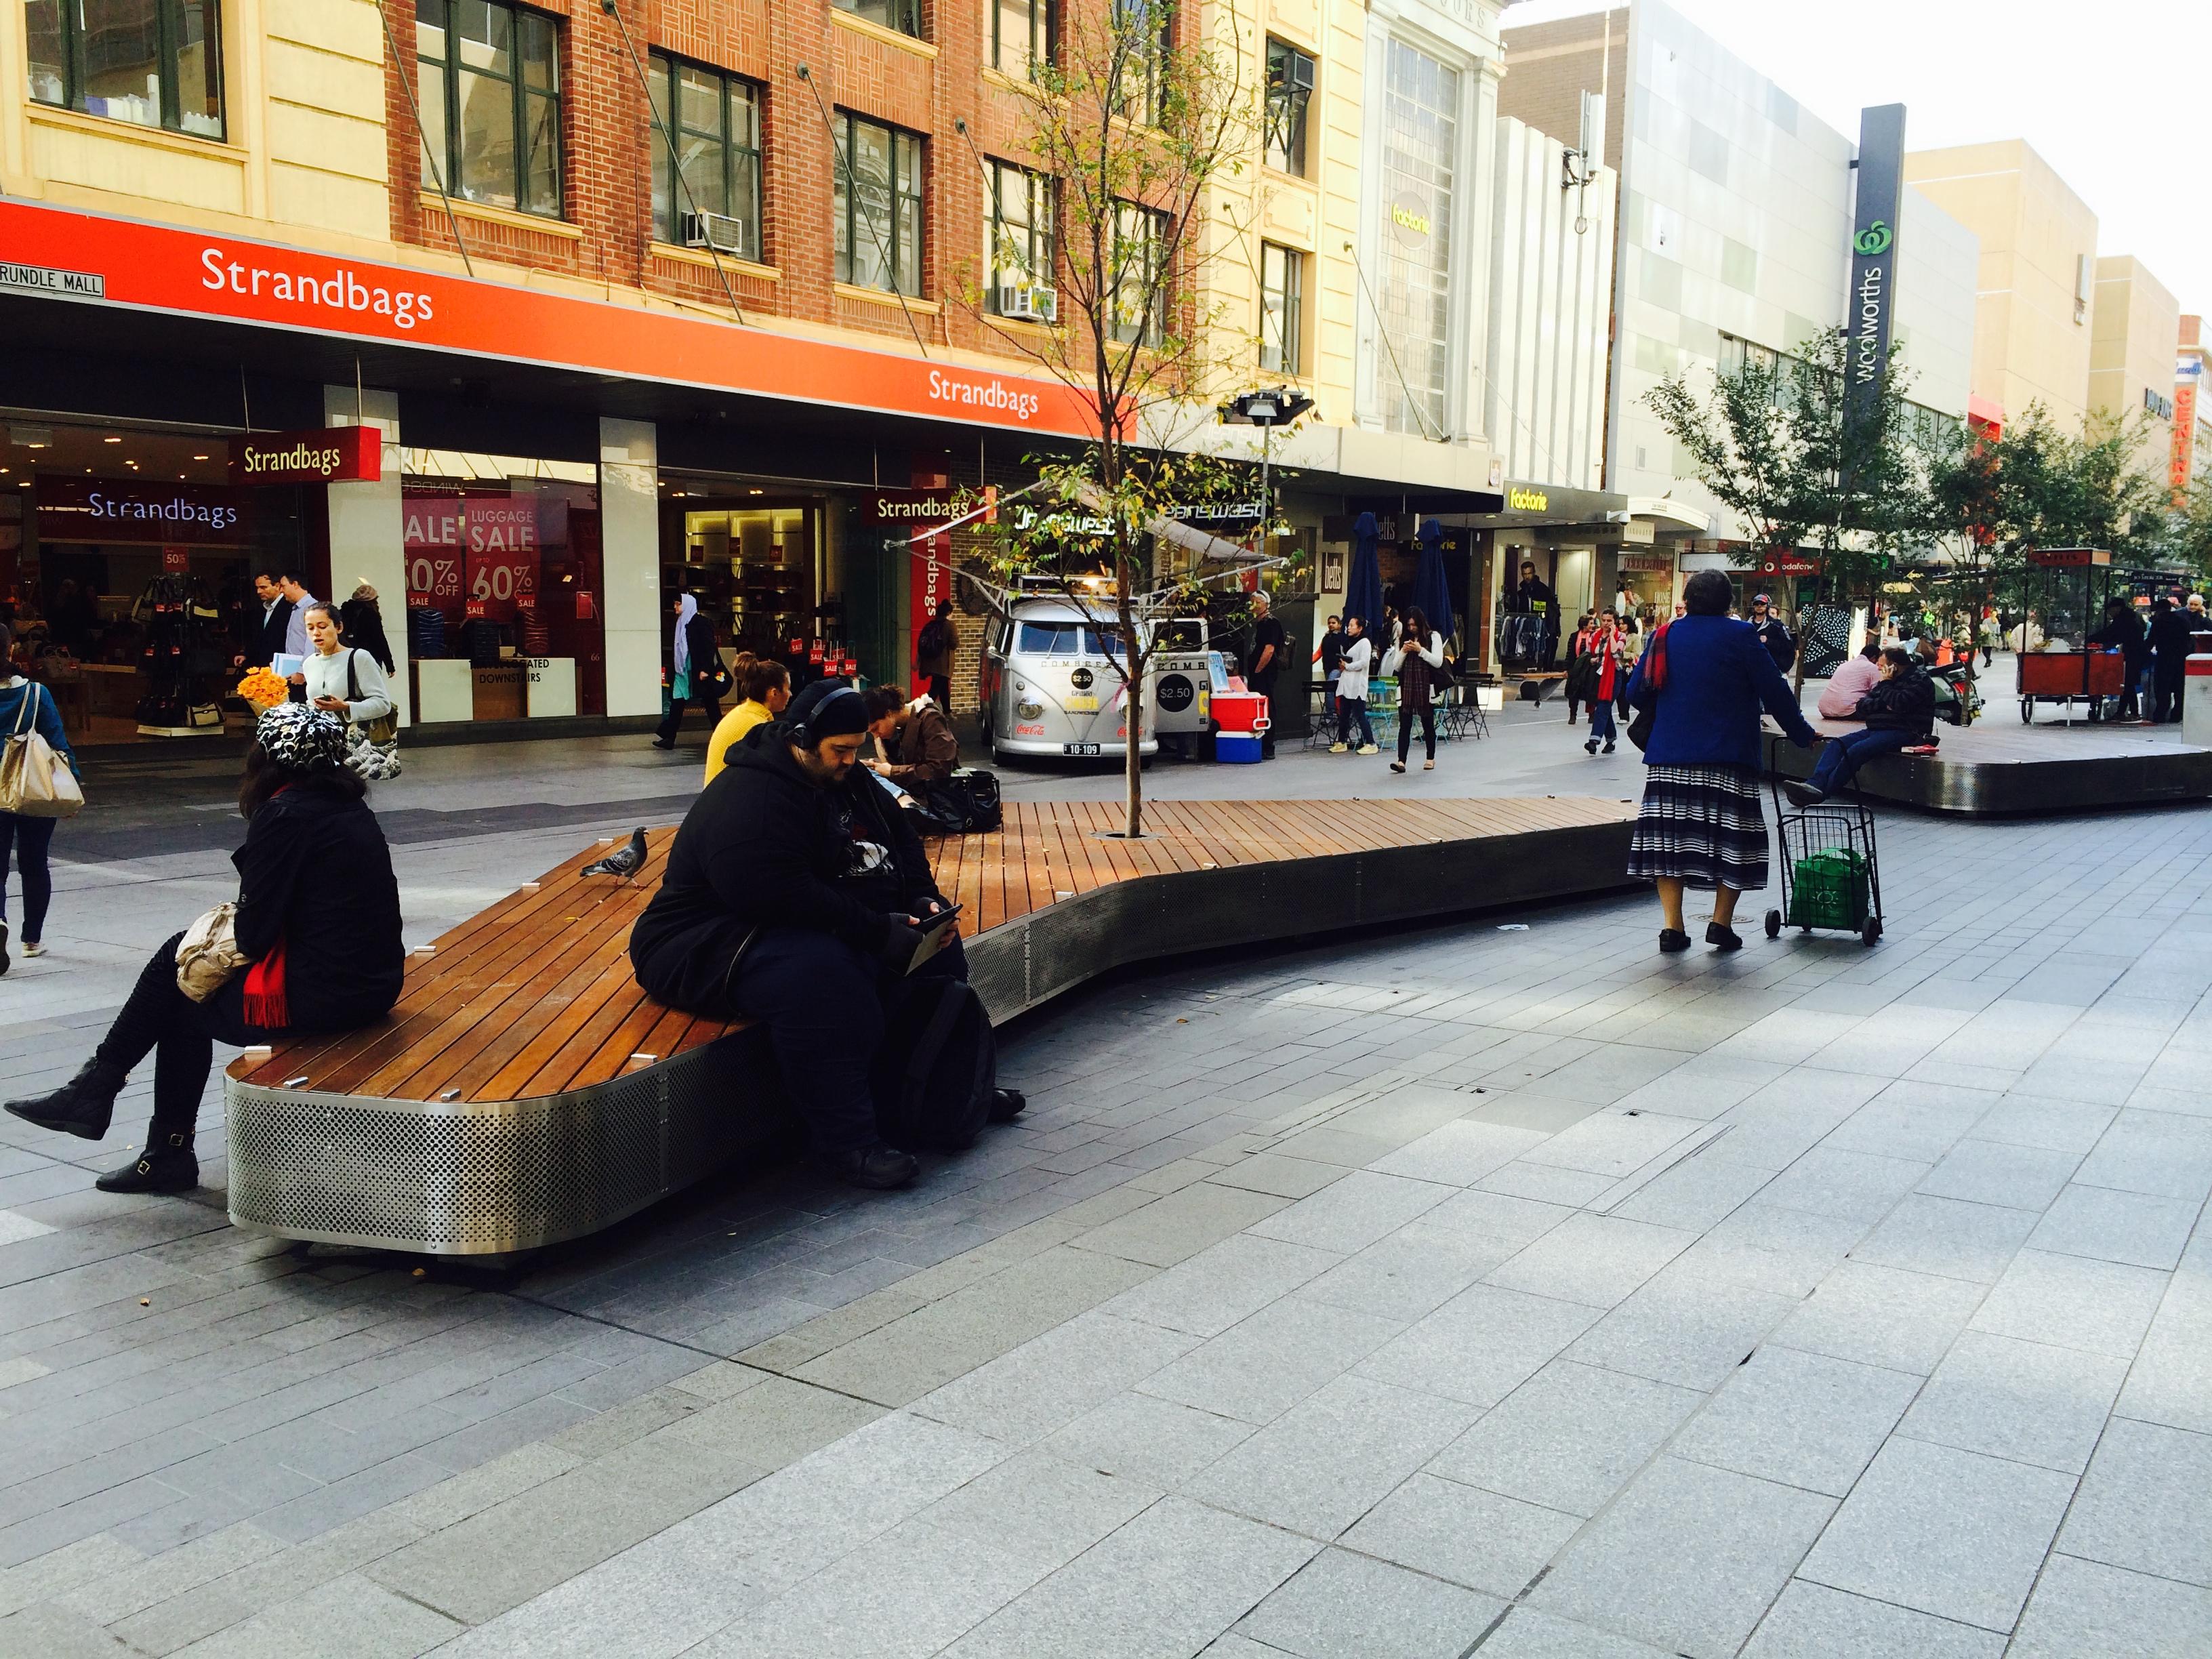 常設のベンチで休憩する人々。ベンチがストリート上に点々と設置されている。